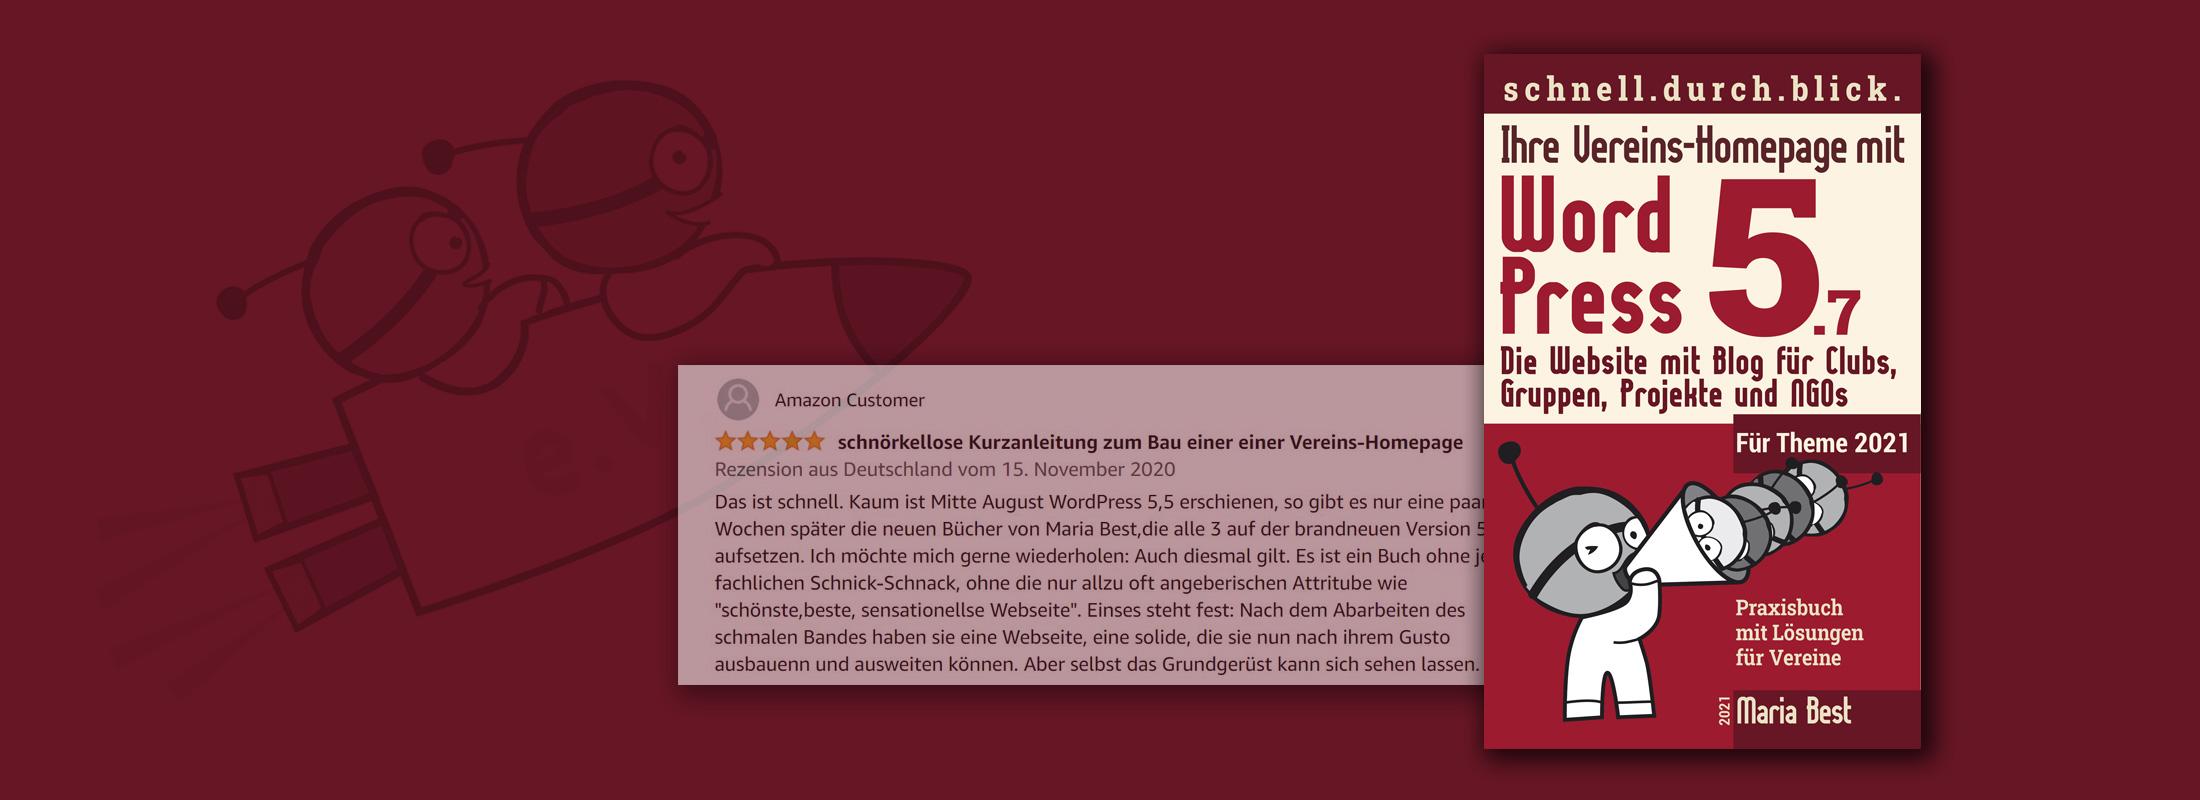 Ihre Vereins-Homepage mit WordPress 5.7